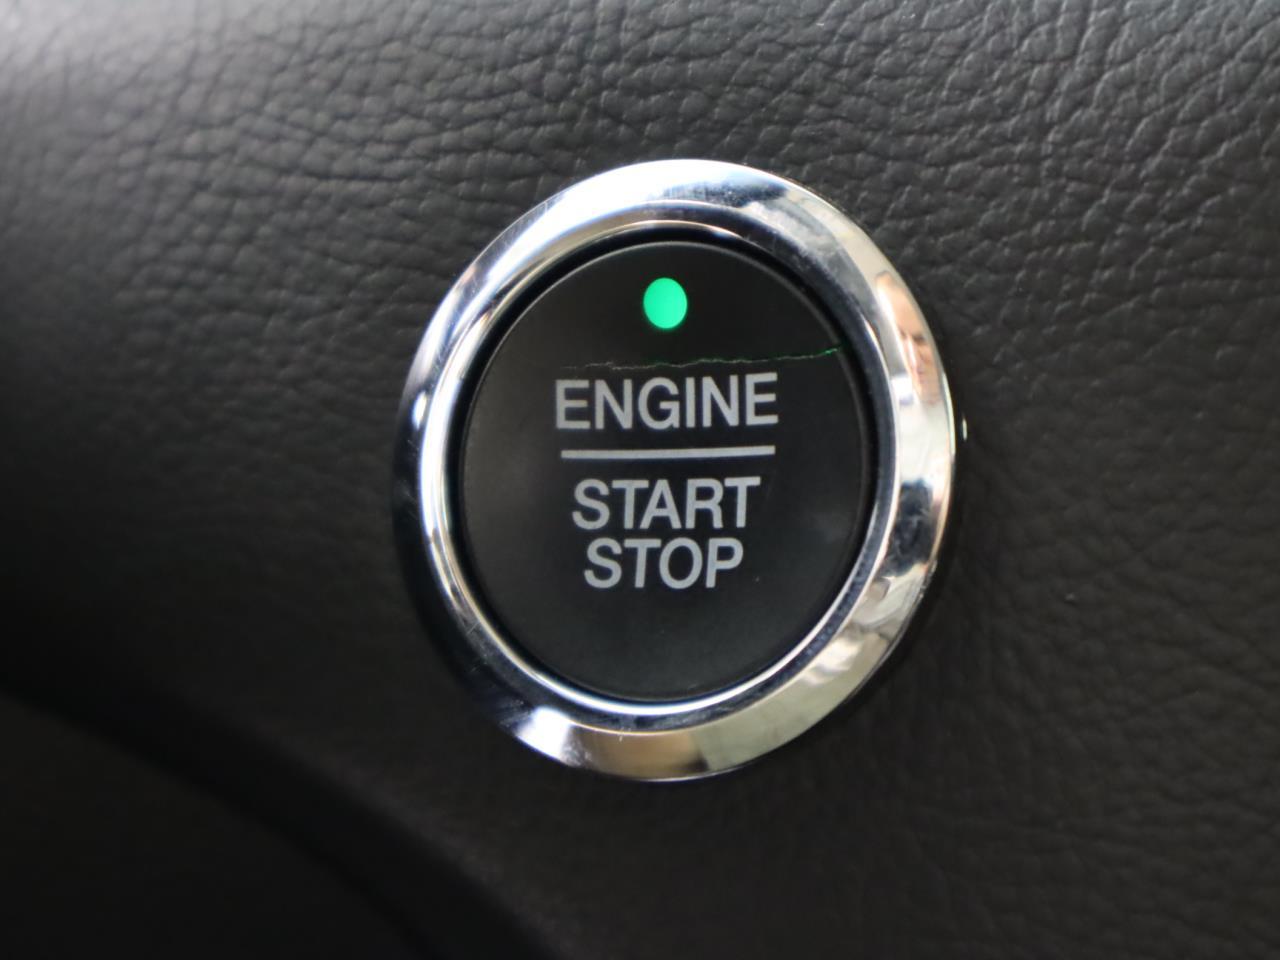 used vehicle - SUV FORD EDGE 2018